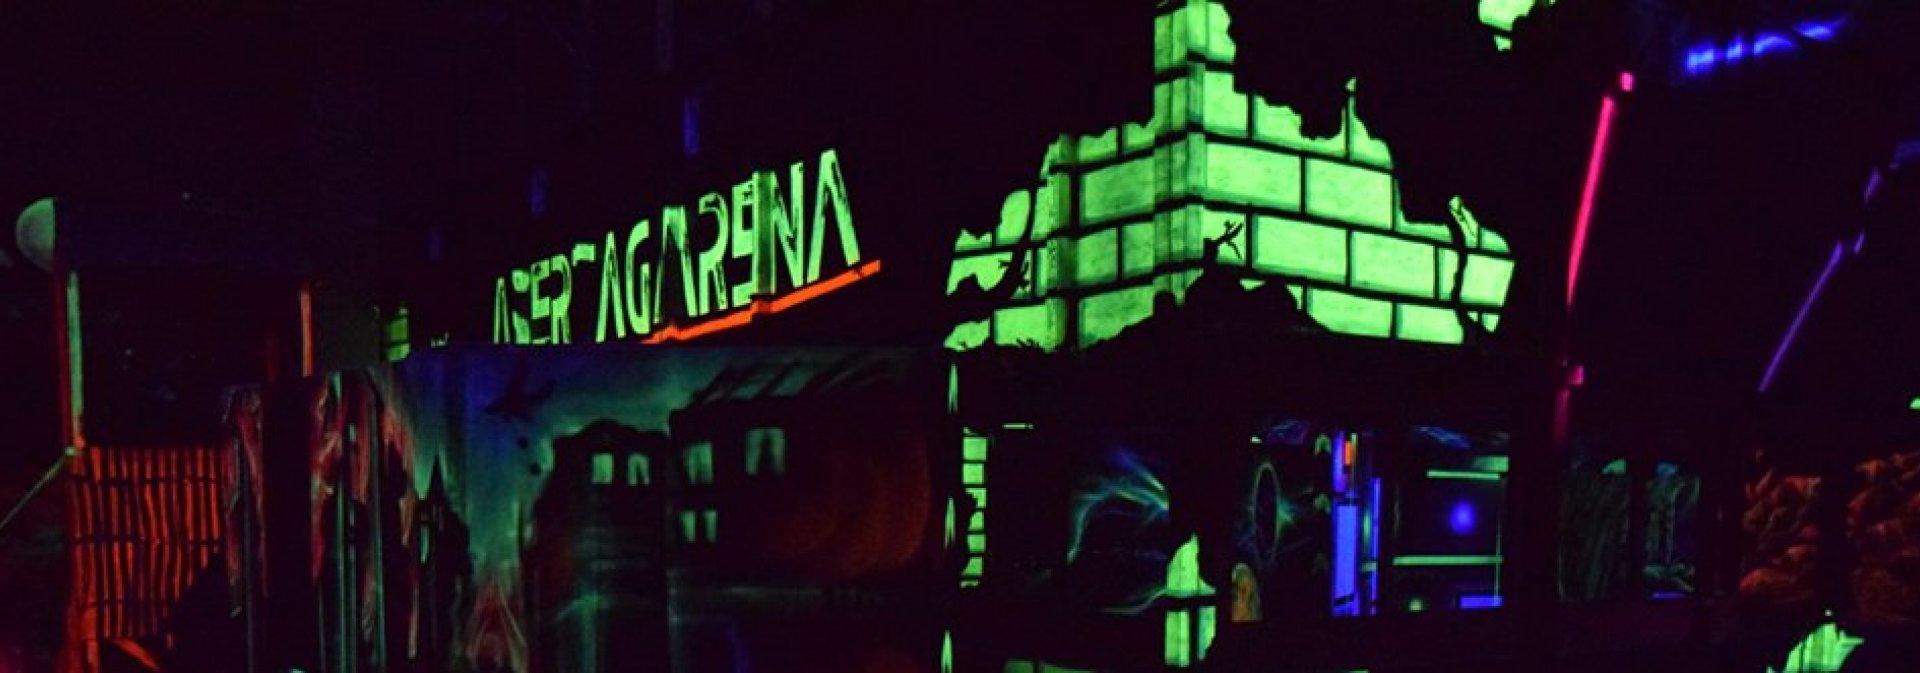 Lasertag Arena, Municipiul București, București